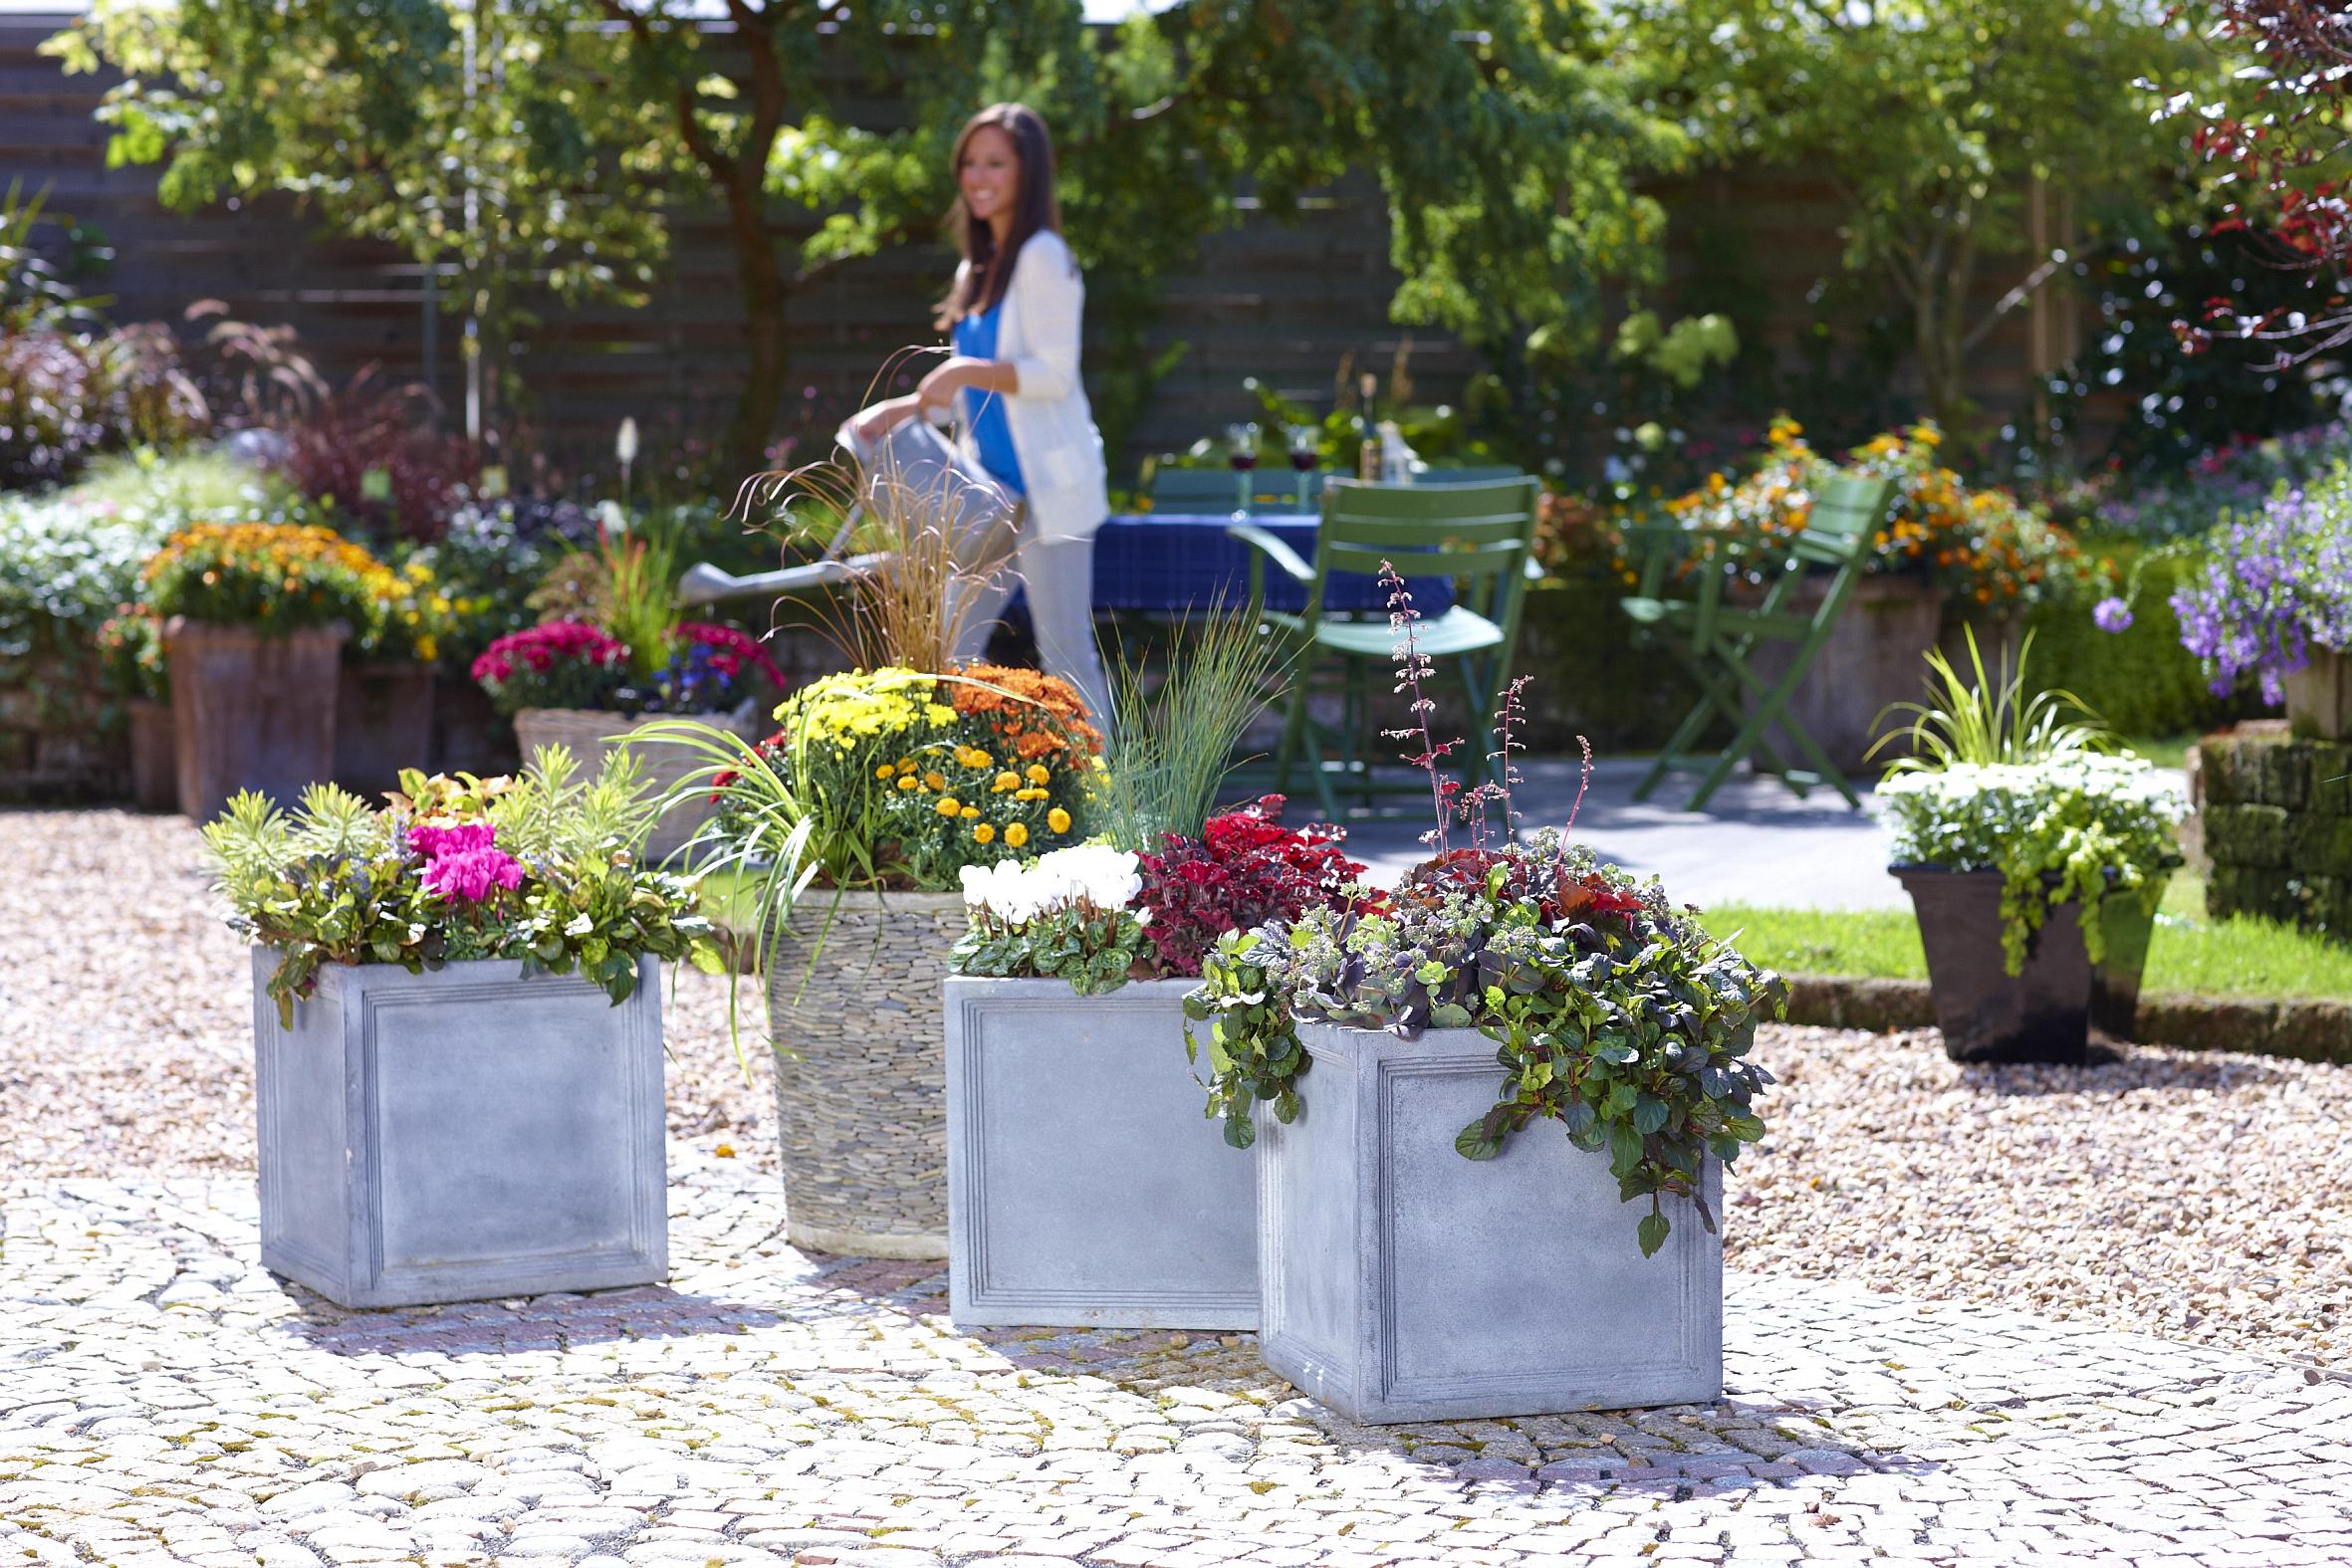 Spektakuläres Finale: Bunte Blätter und Blüten bringen den Herbst zum Leuchten